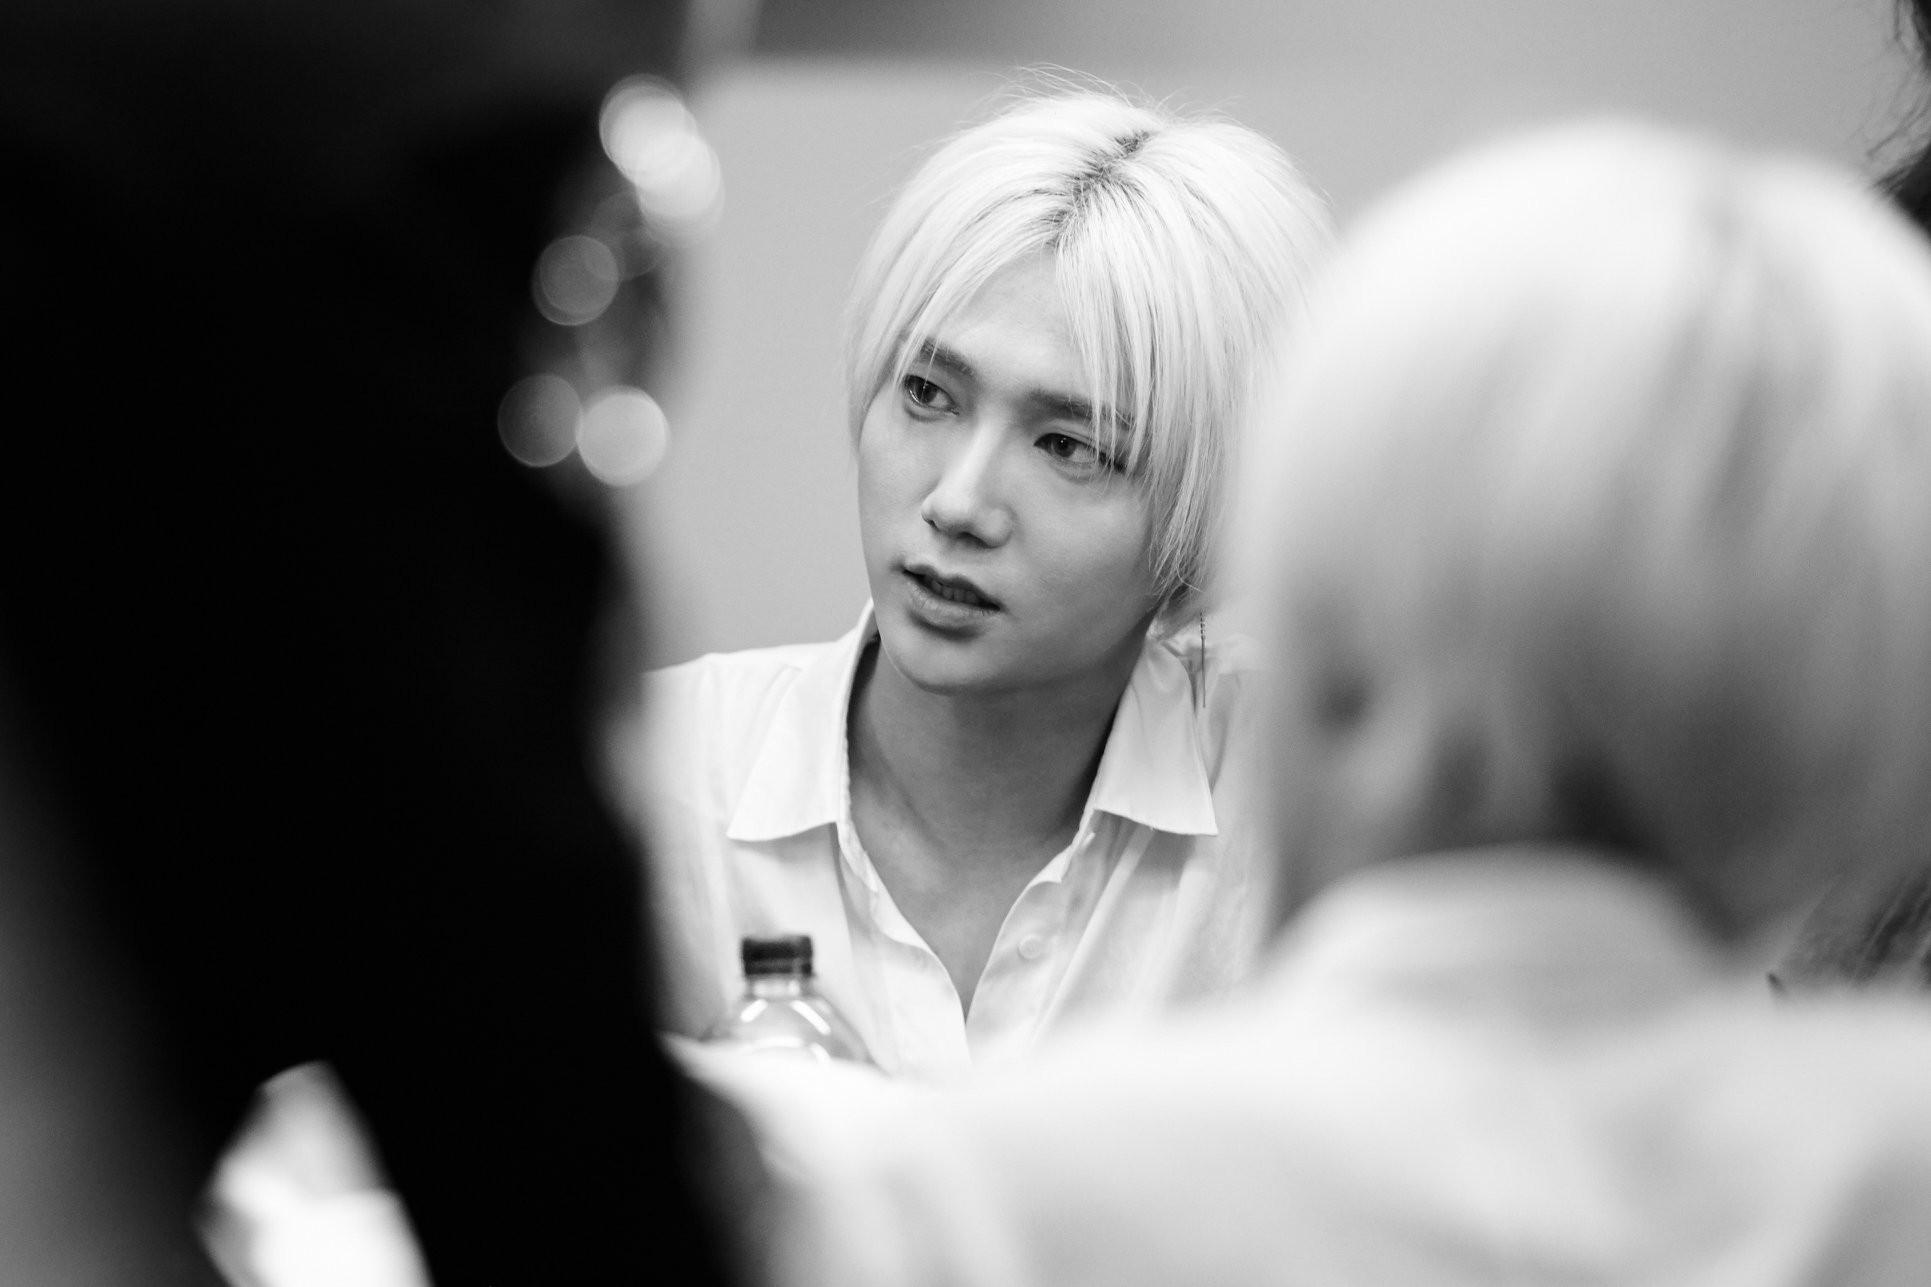 Super Junior cho fan ná thở với loạt ảnh lung linh từ tour thế giới - Ảnh 4.